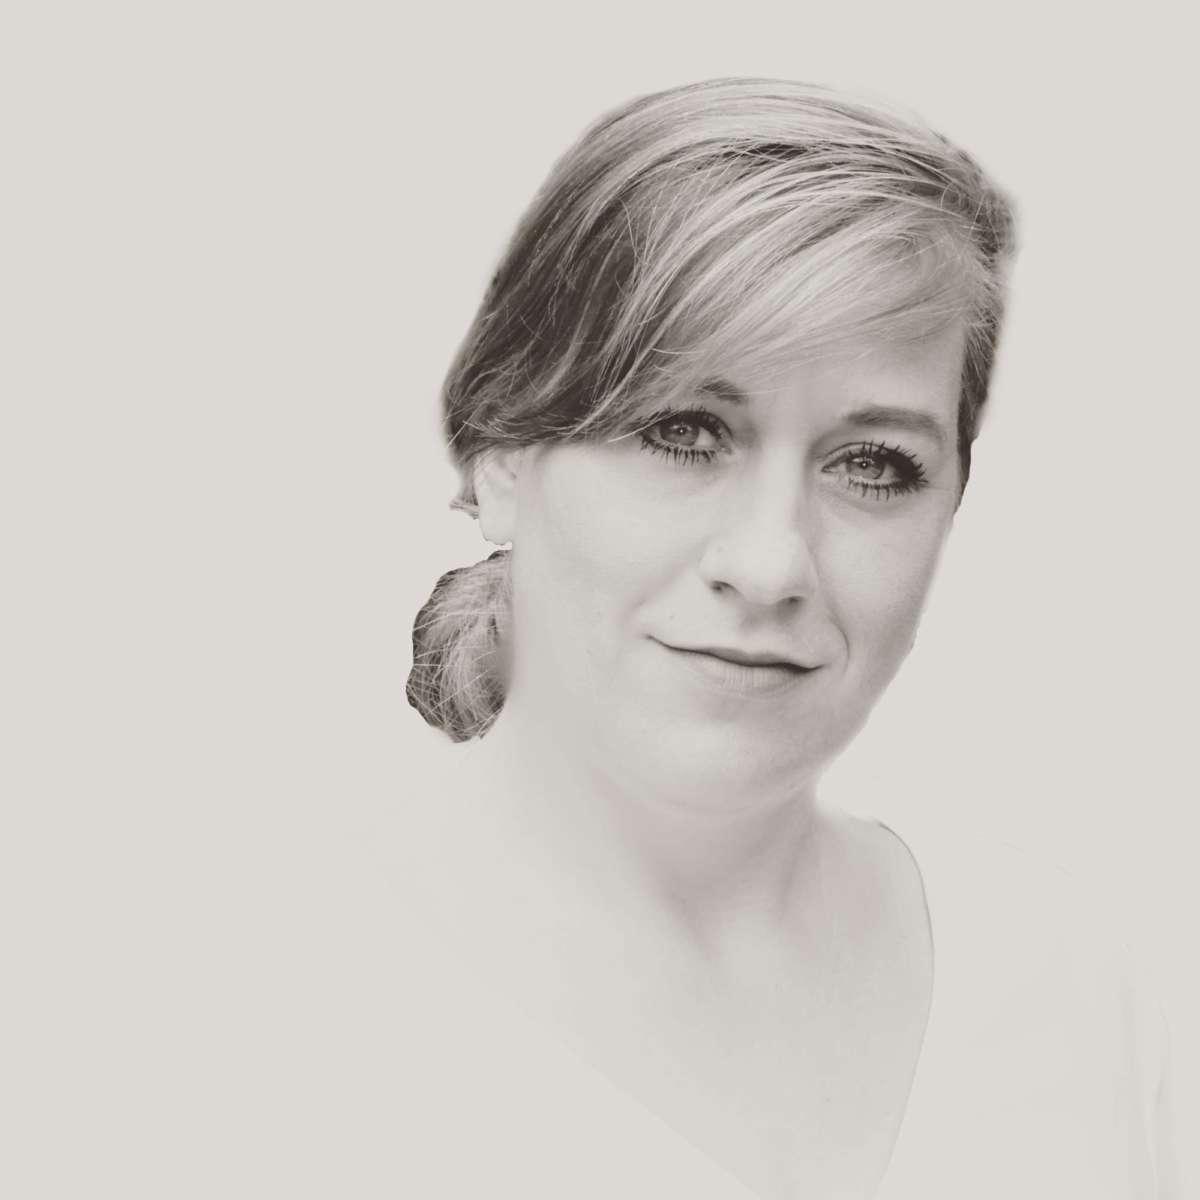 Profilbild: Katrin Hünemörder